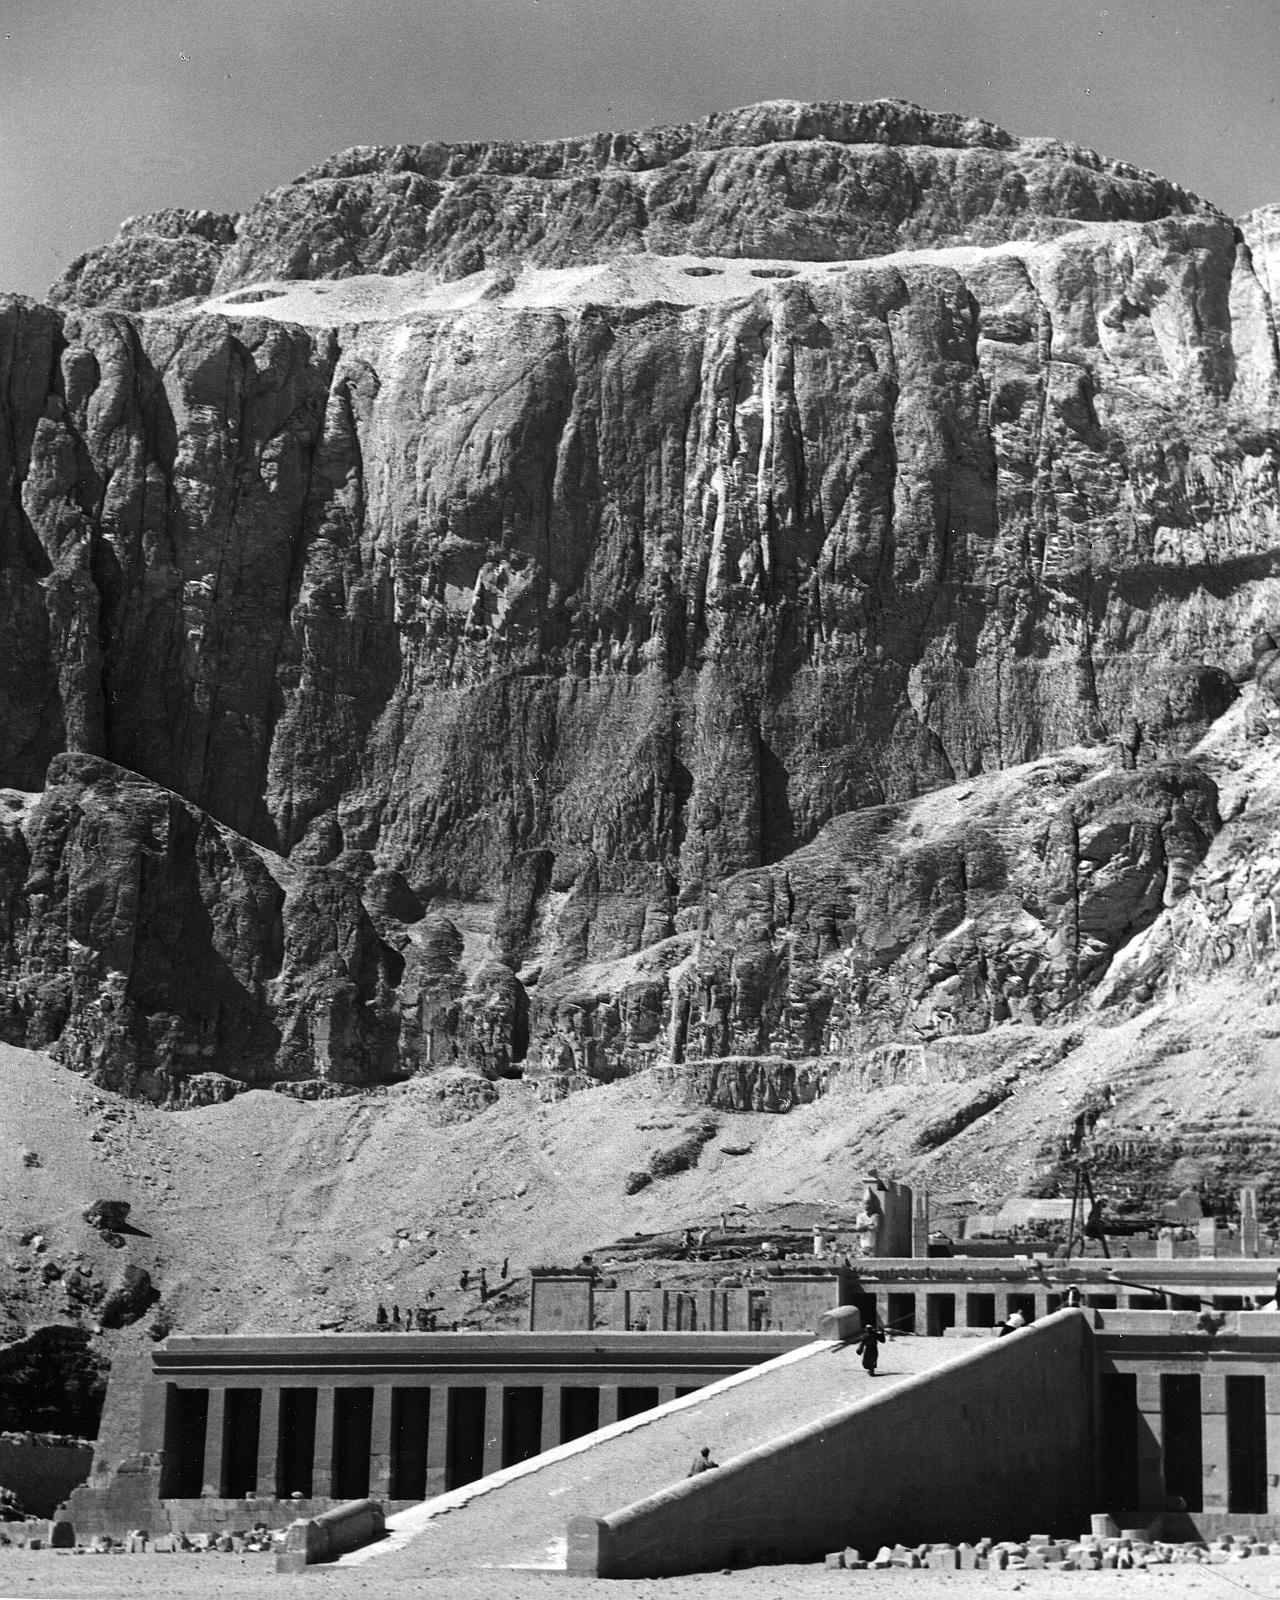 Дейр-эль-Бахари. Храм Хатшепсут. Вид с переднего двора на первый пандус